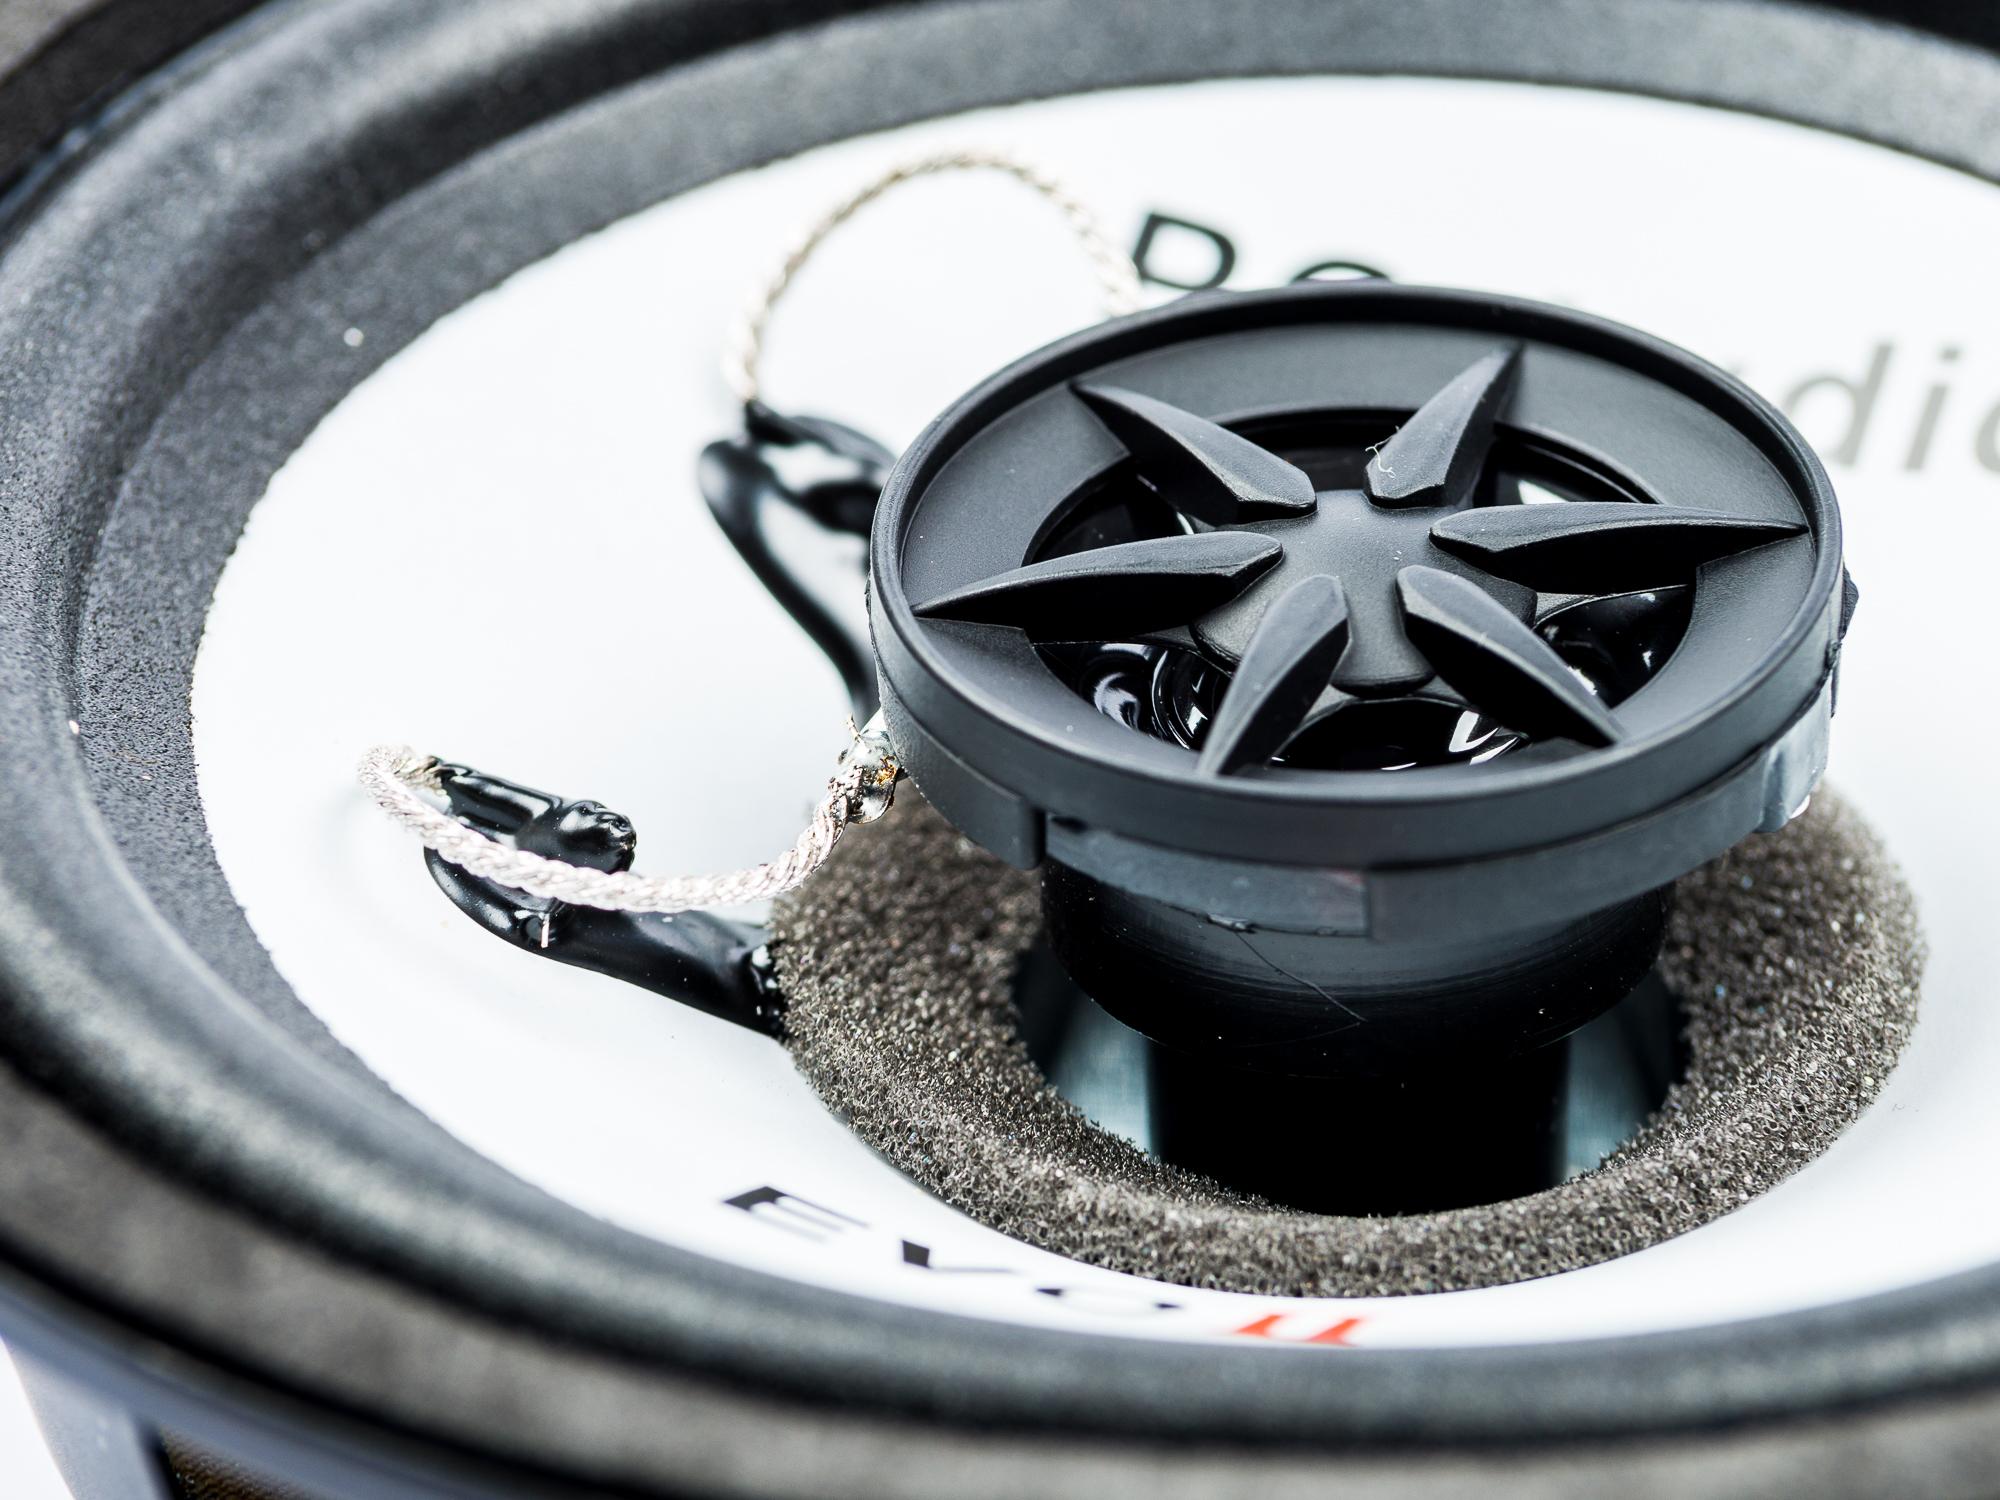 Toyota Yaris Lautsprecher Einbauset Tür vorne PG Audio NEU-Ware – Bild 4